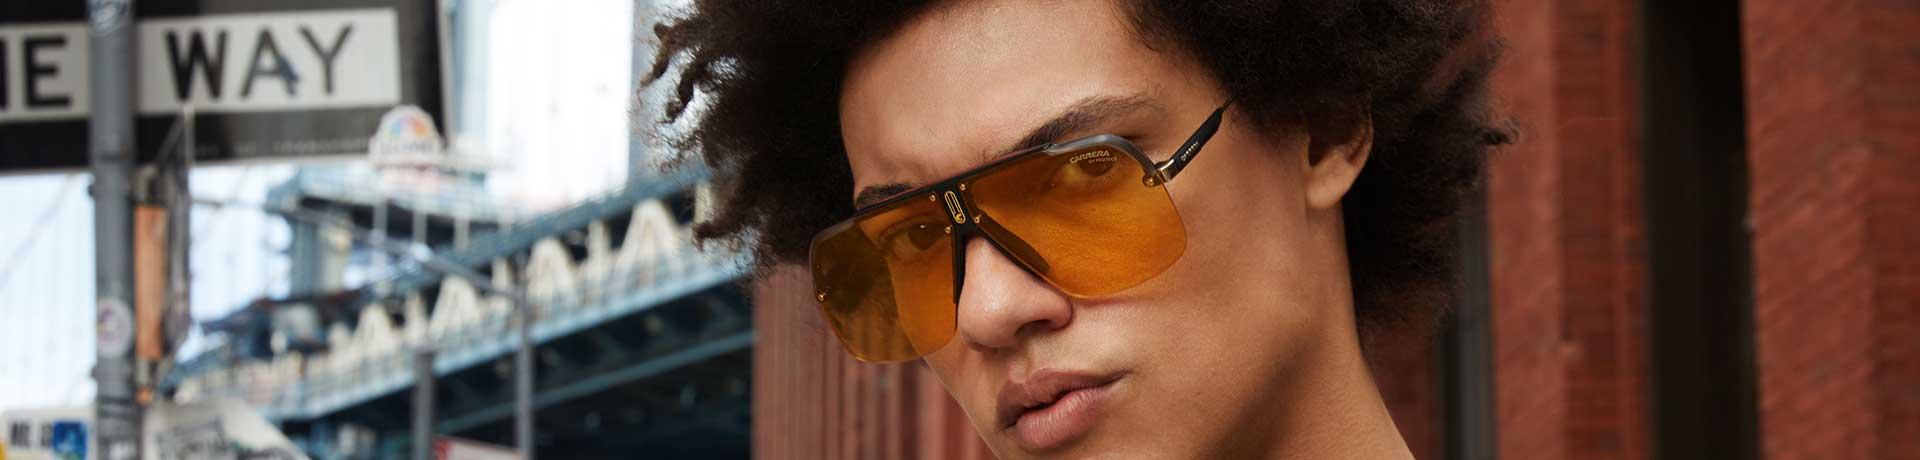 Gafas de sol Top Ventas